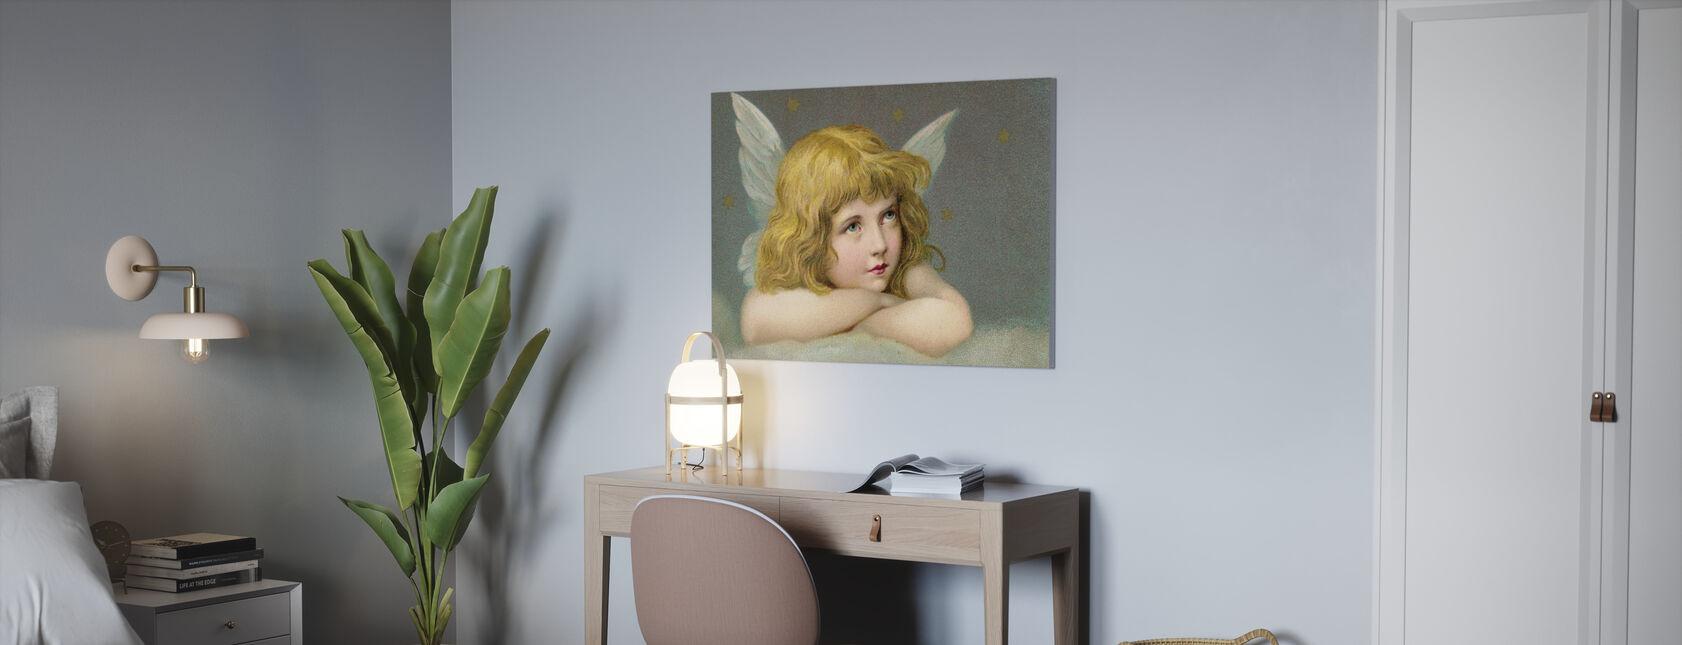 Lille Engel - Billede på lærred - Kontor